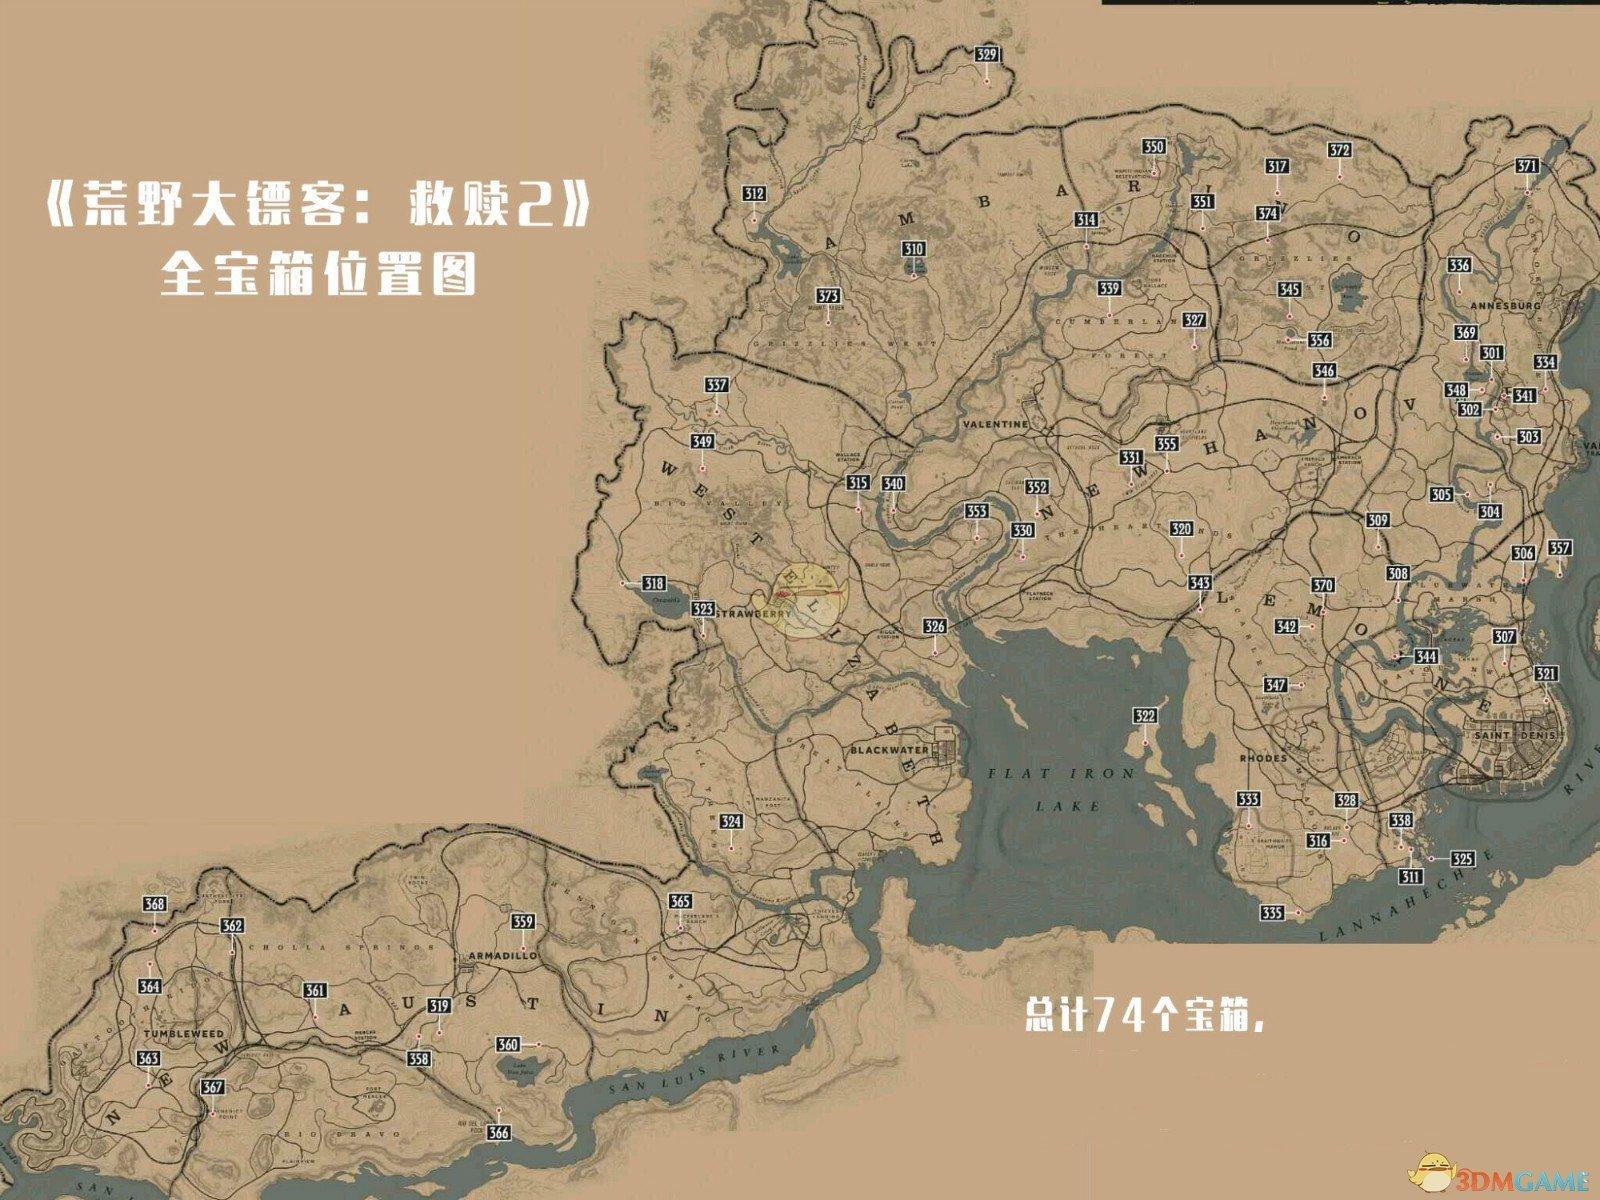 《荒野大镖客2》全宝箱位置图分享